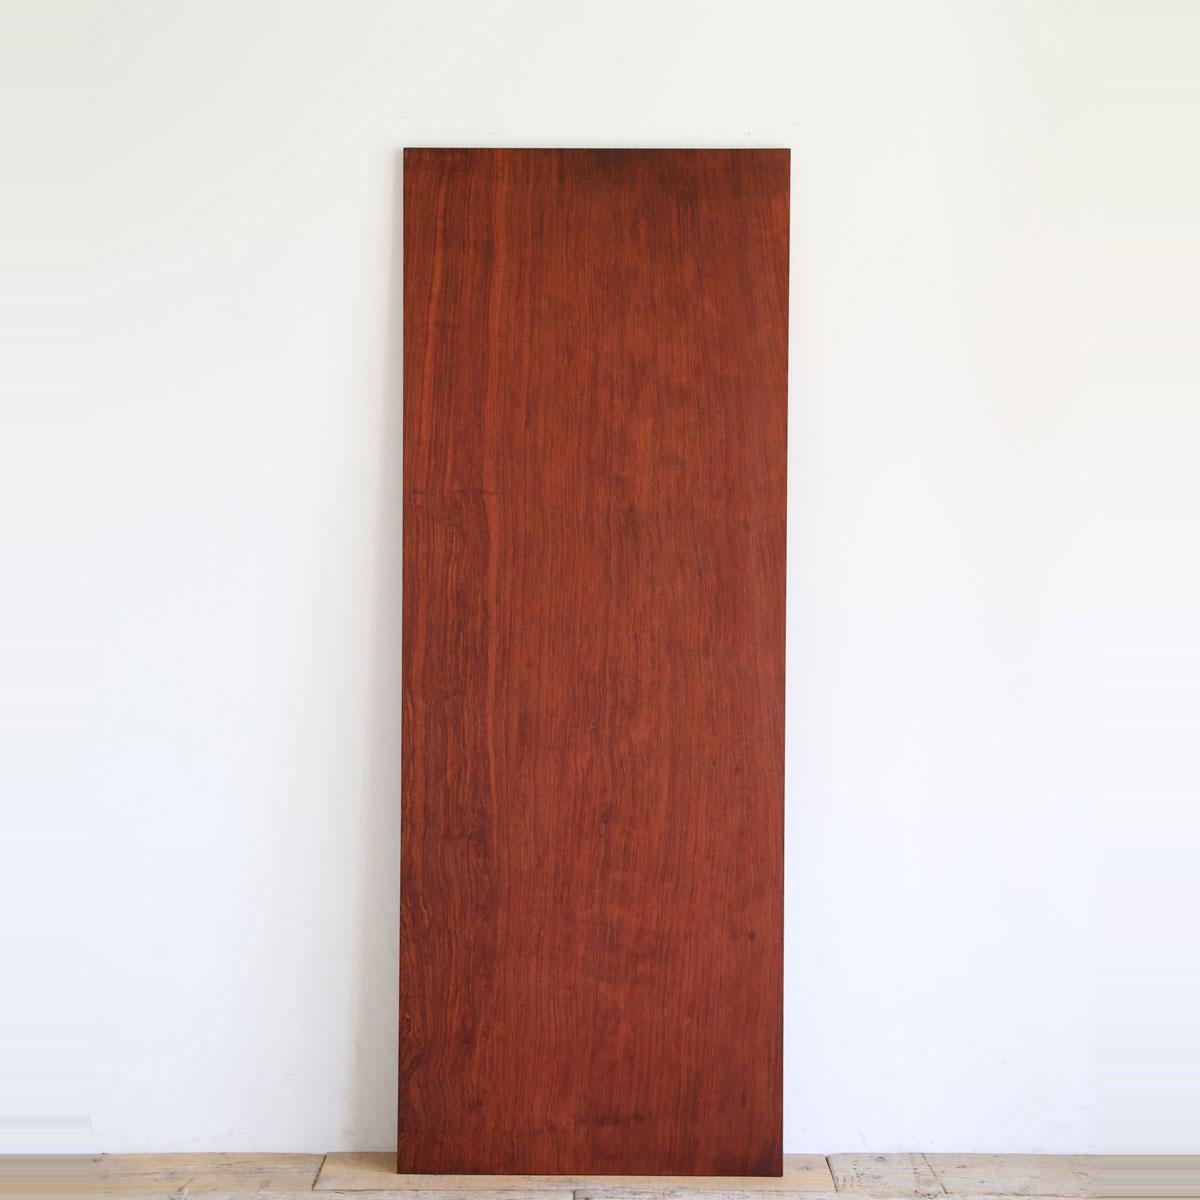 新作 人気 ダイニングテーブル 無垢 一枚板 天板 天然木 diy 1枚板 天板のみ 国内加工 直営店 無垢板 D750 ダイニング 一枚板テーブル ブビンガ天板 テーブル W1990 材木 幅200 世界に一つだけのオリジナル天板